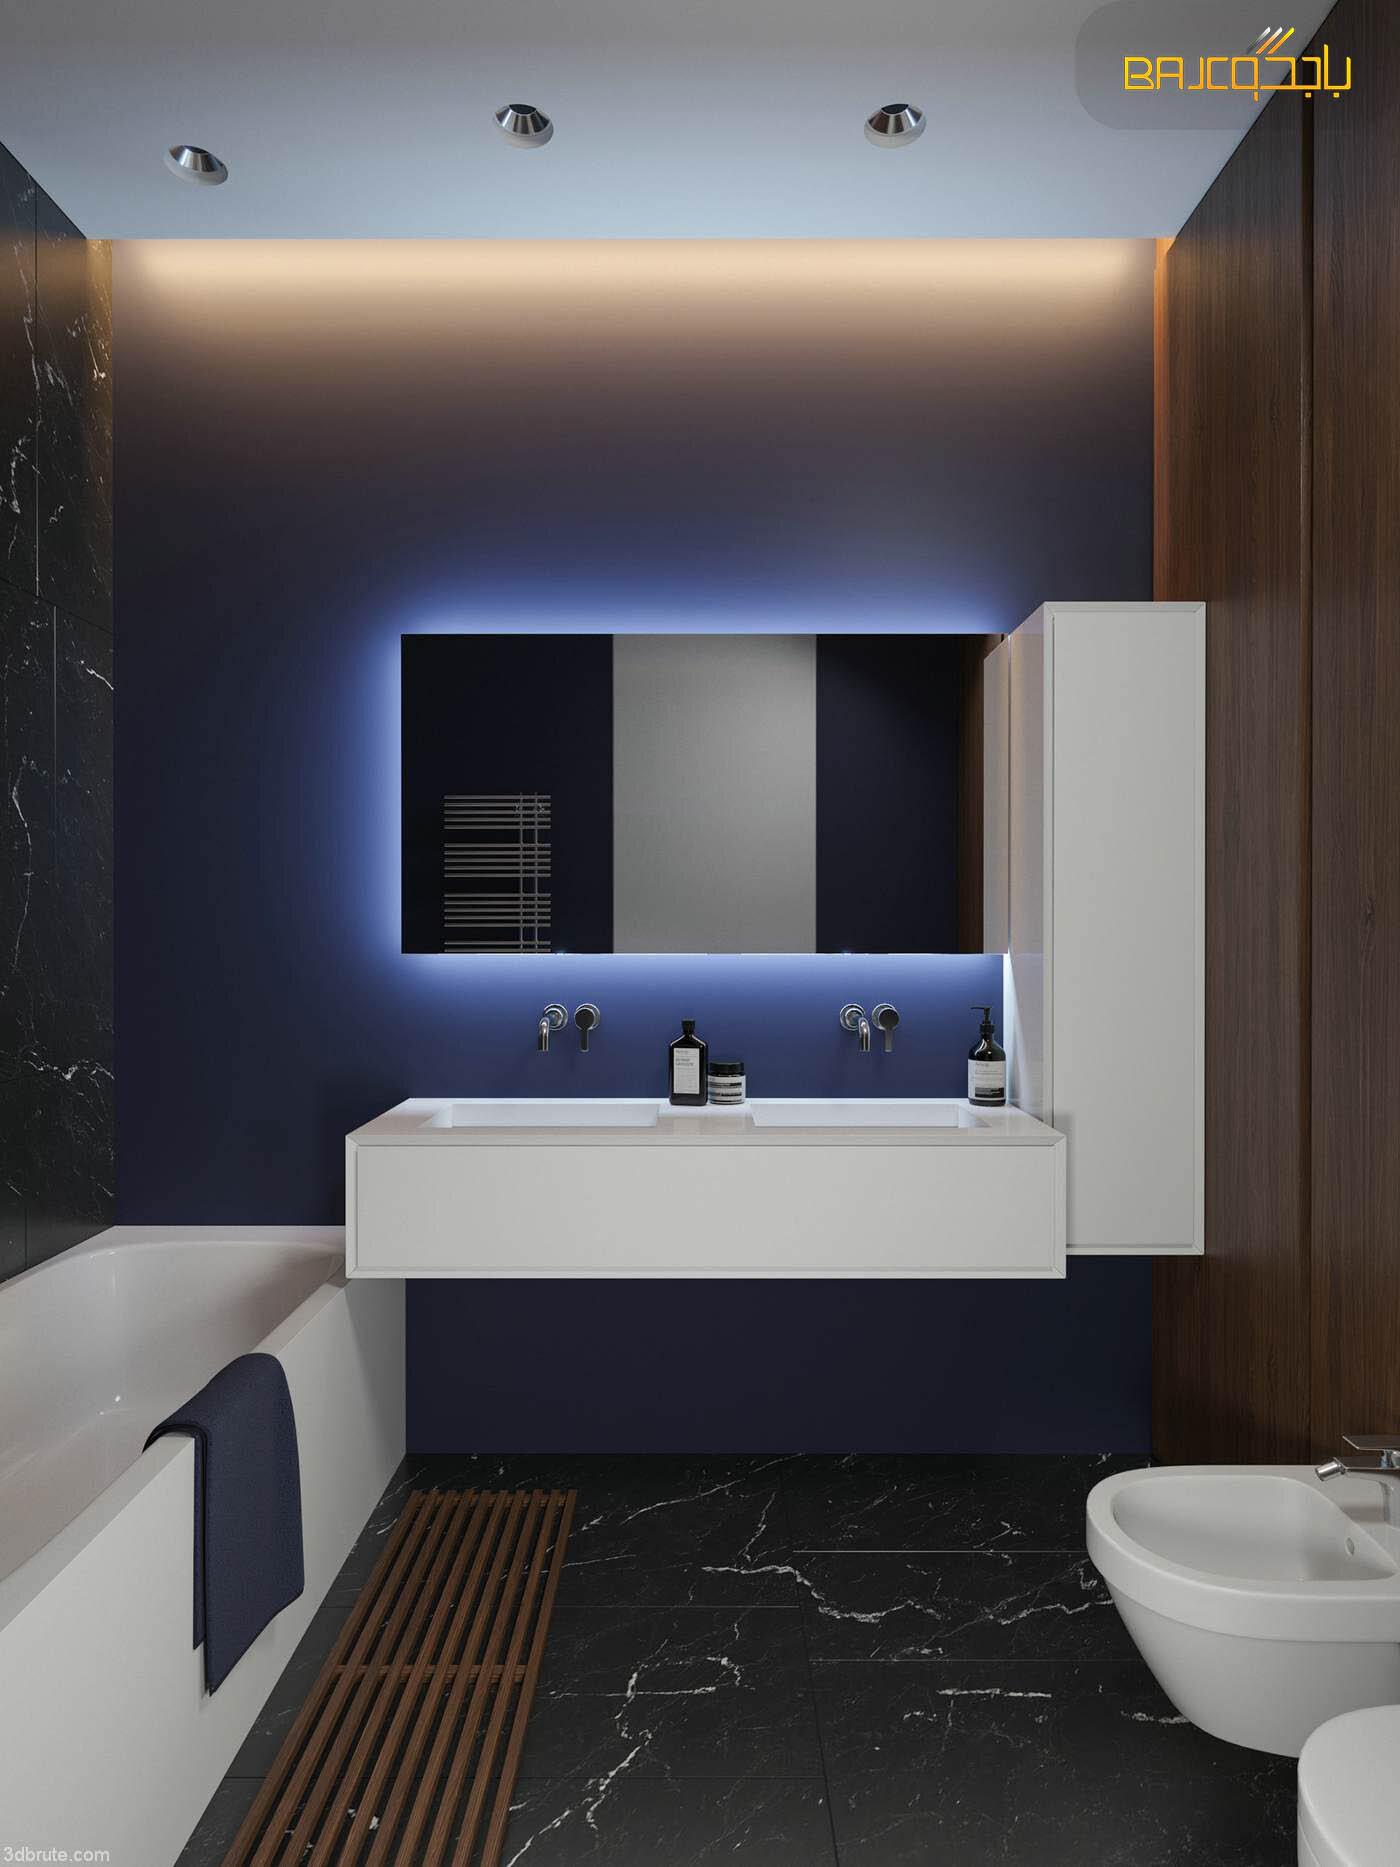 مغسلة رخام ابيض داخل الحمام